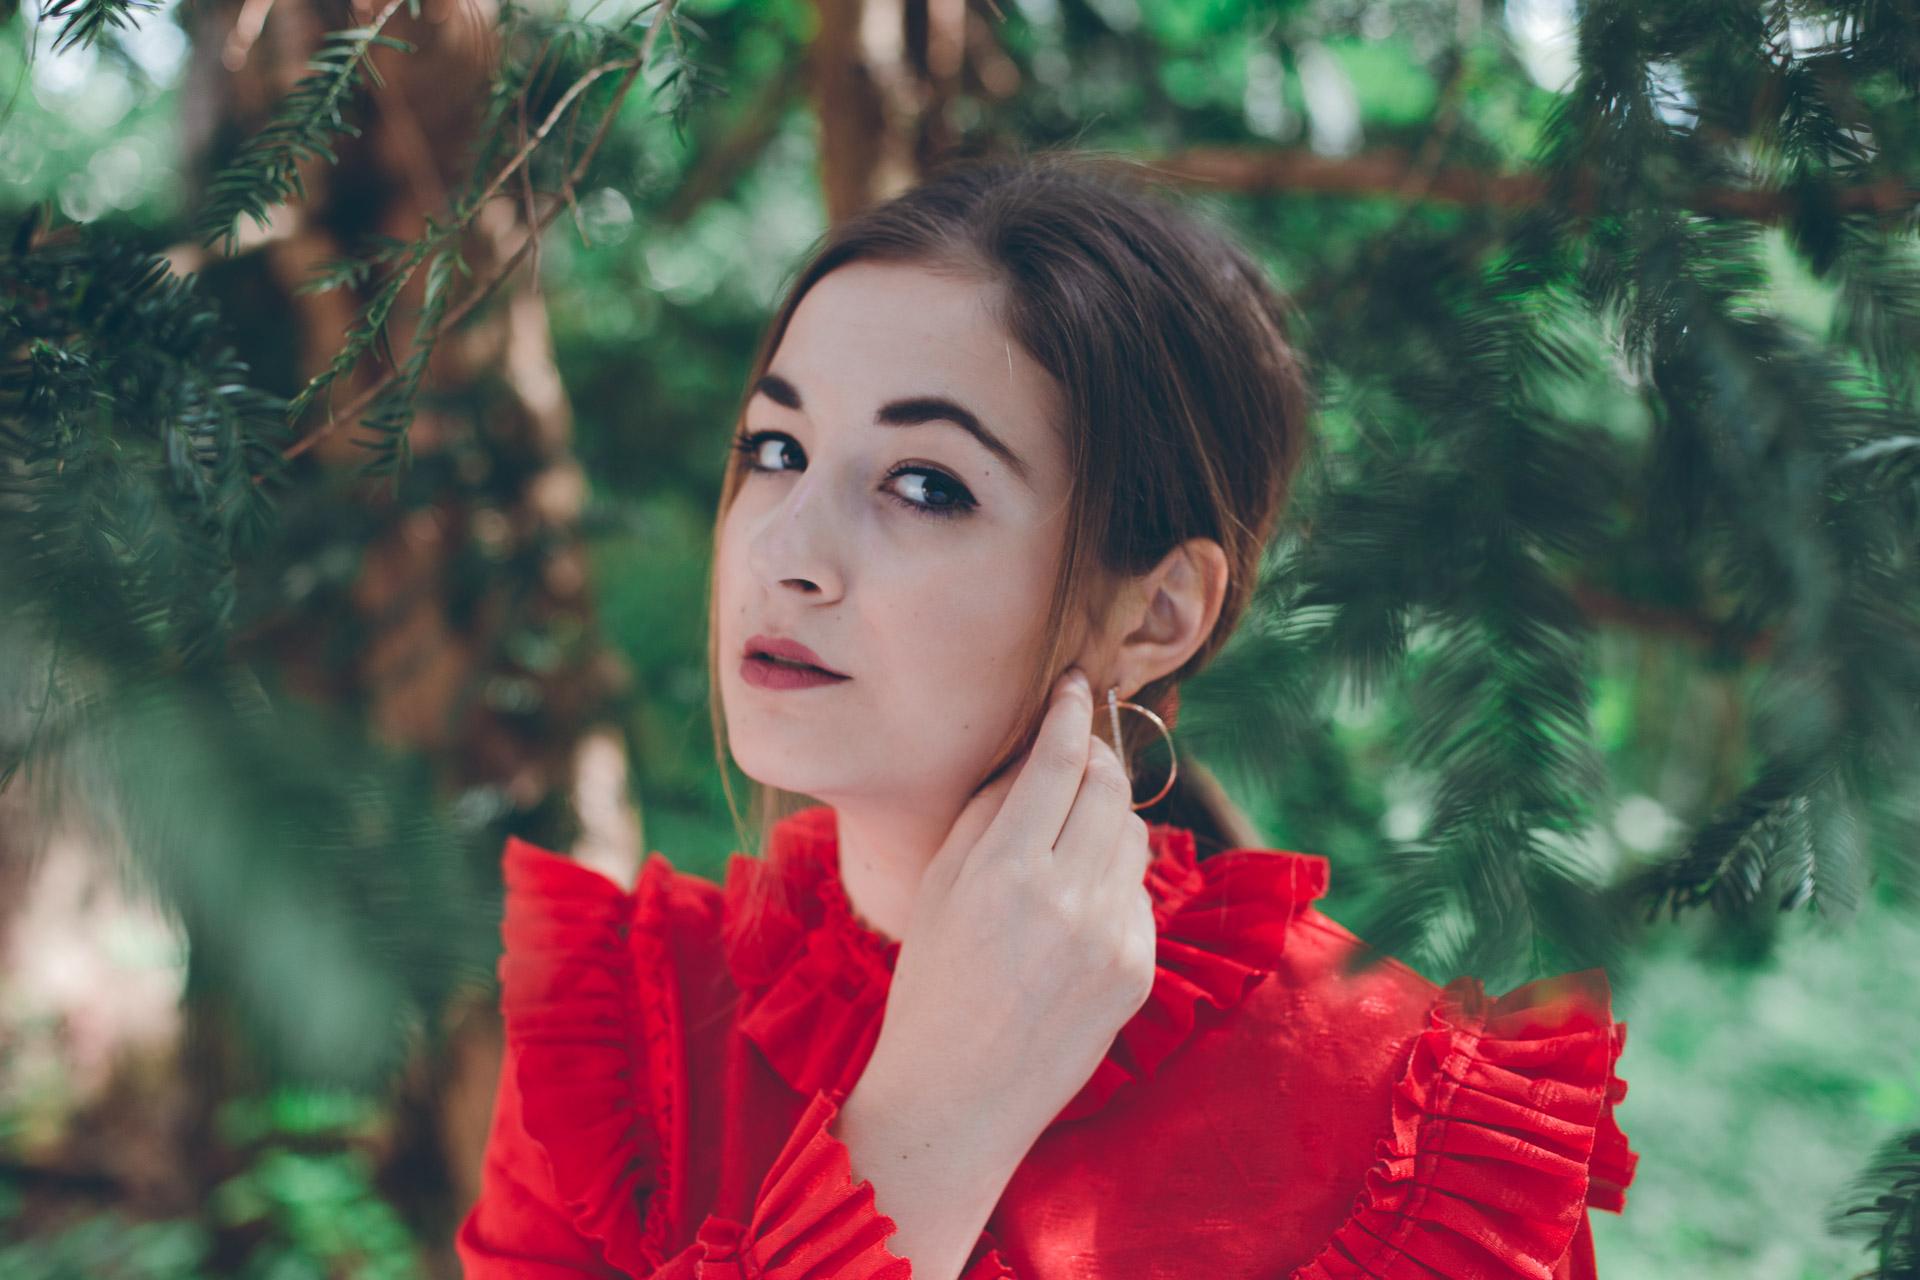 Portrait eines Mädchens mit roter Bluse, roten Lippen und weißer Haut inmitten des Walds